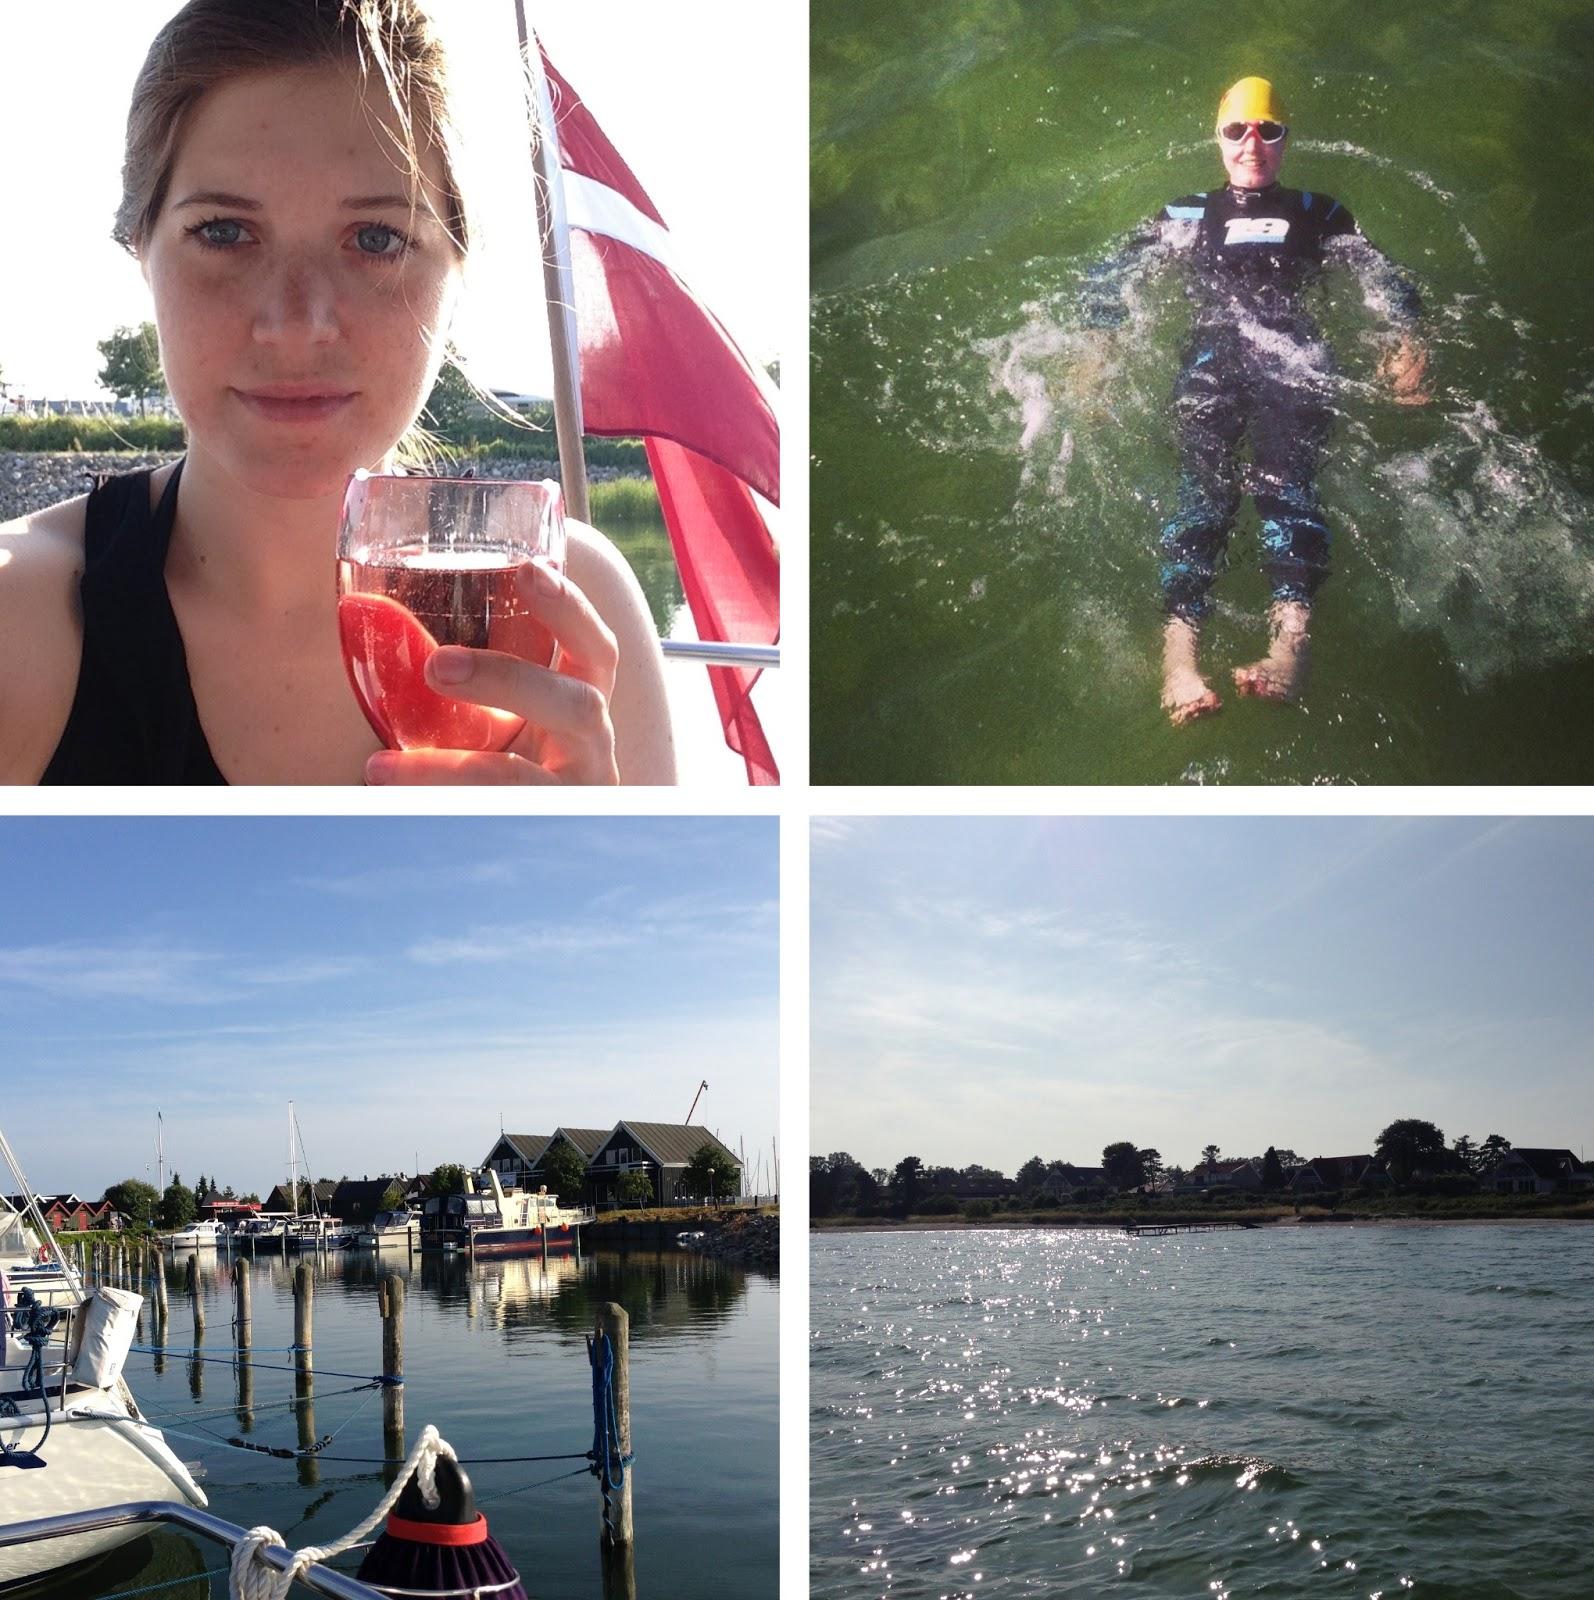 bådtur, båd, hav, havn, hundige, sommer, sol, familie, svømning, svømmetræning, strand, mosede, greve, sejltur, sejlads, svømmebriller, svømmedragt, badehætte